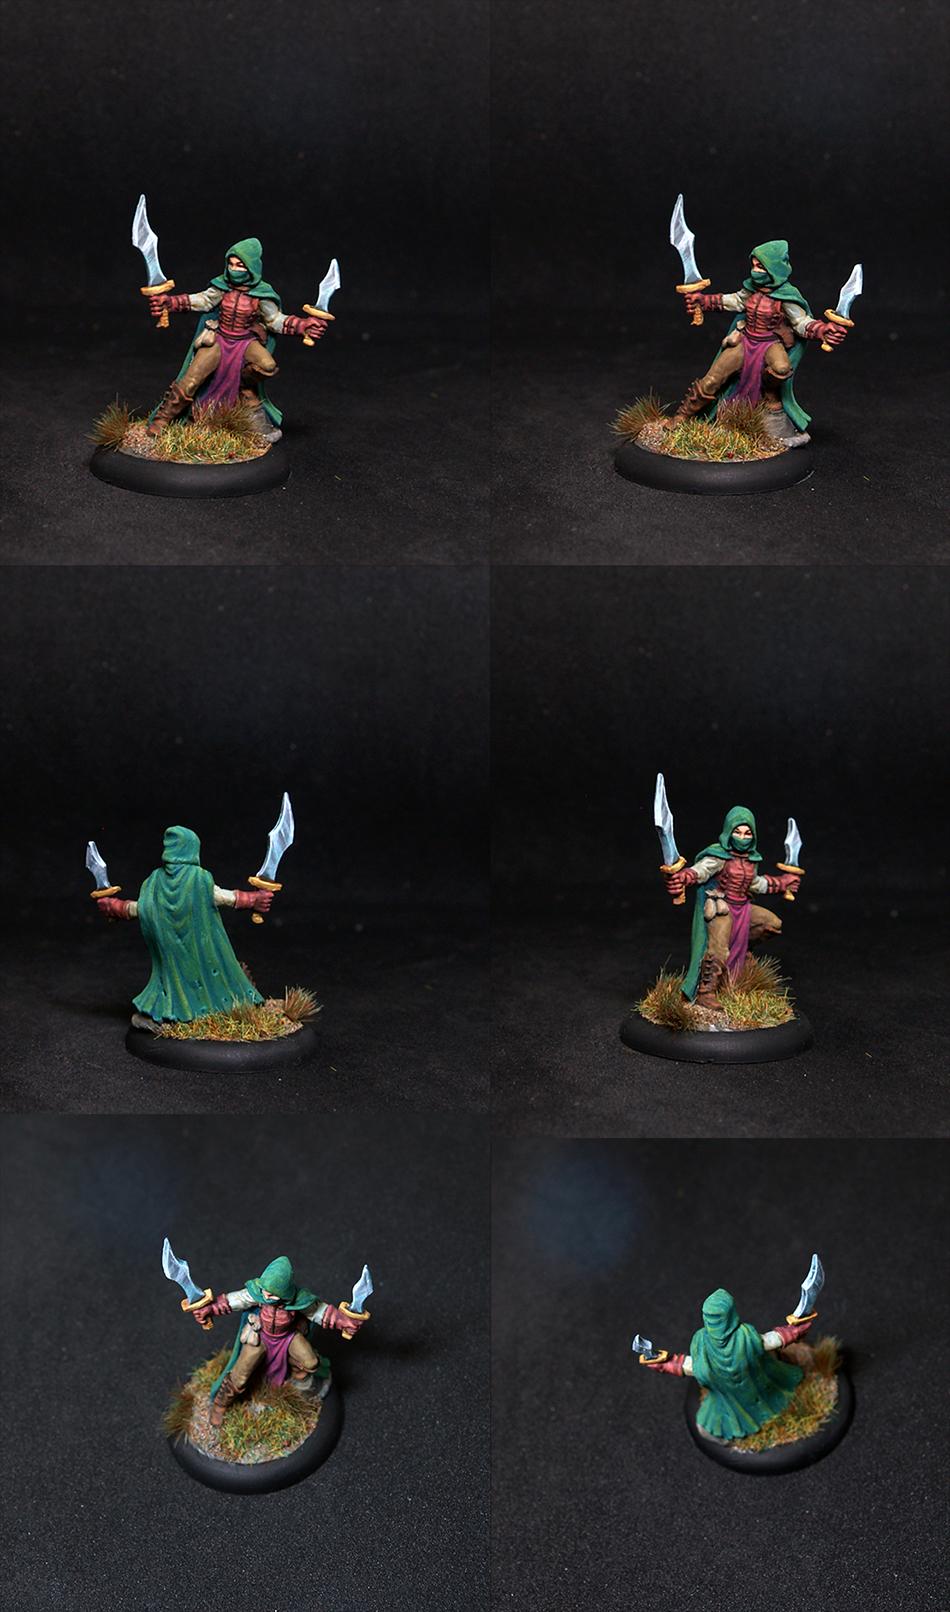 Reaper miniatures Serena, Dreadmere Rogue